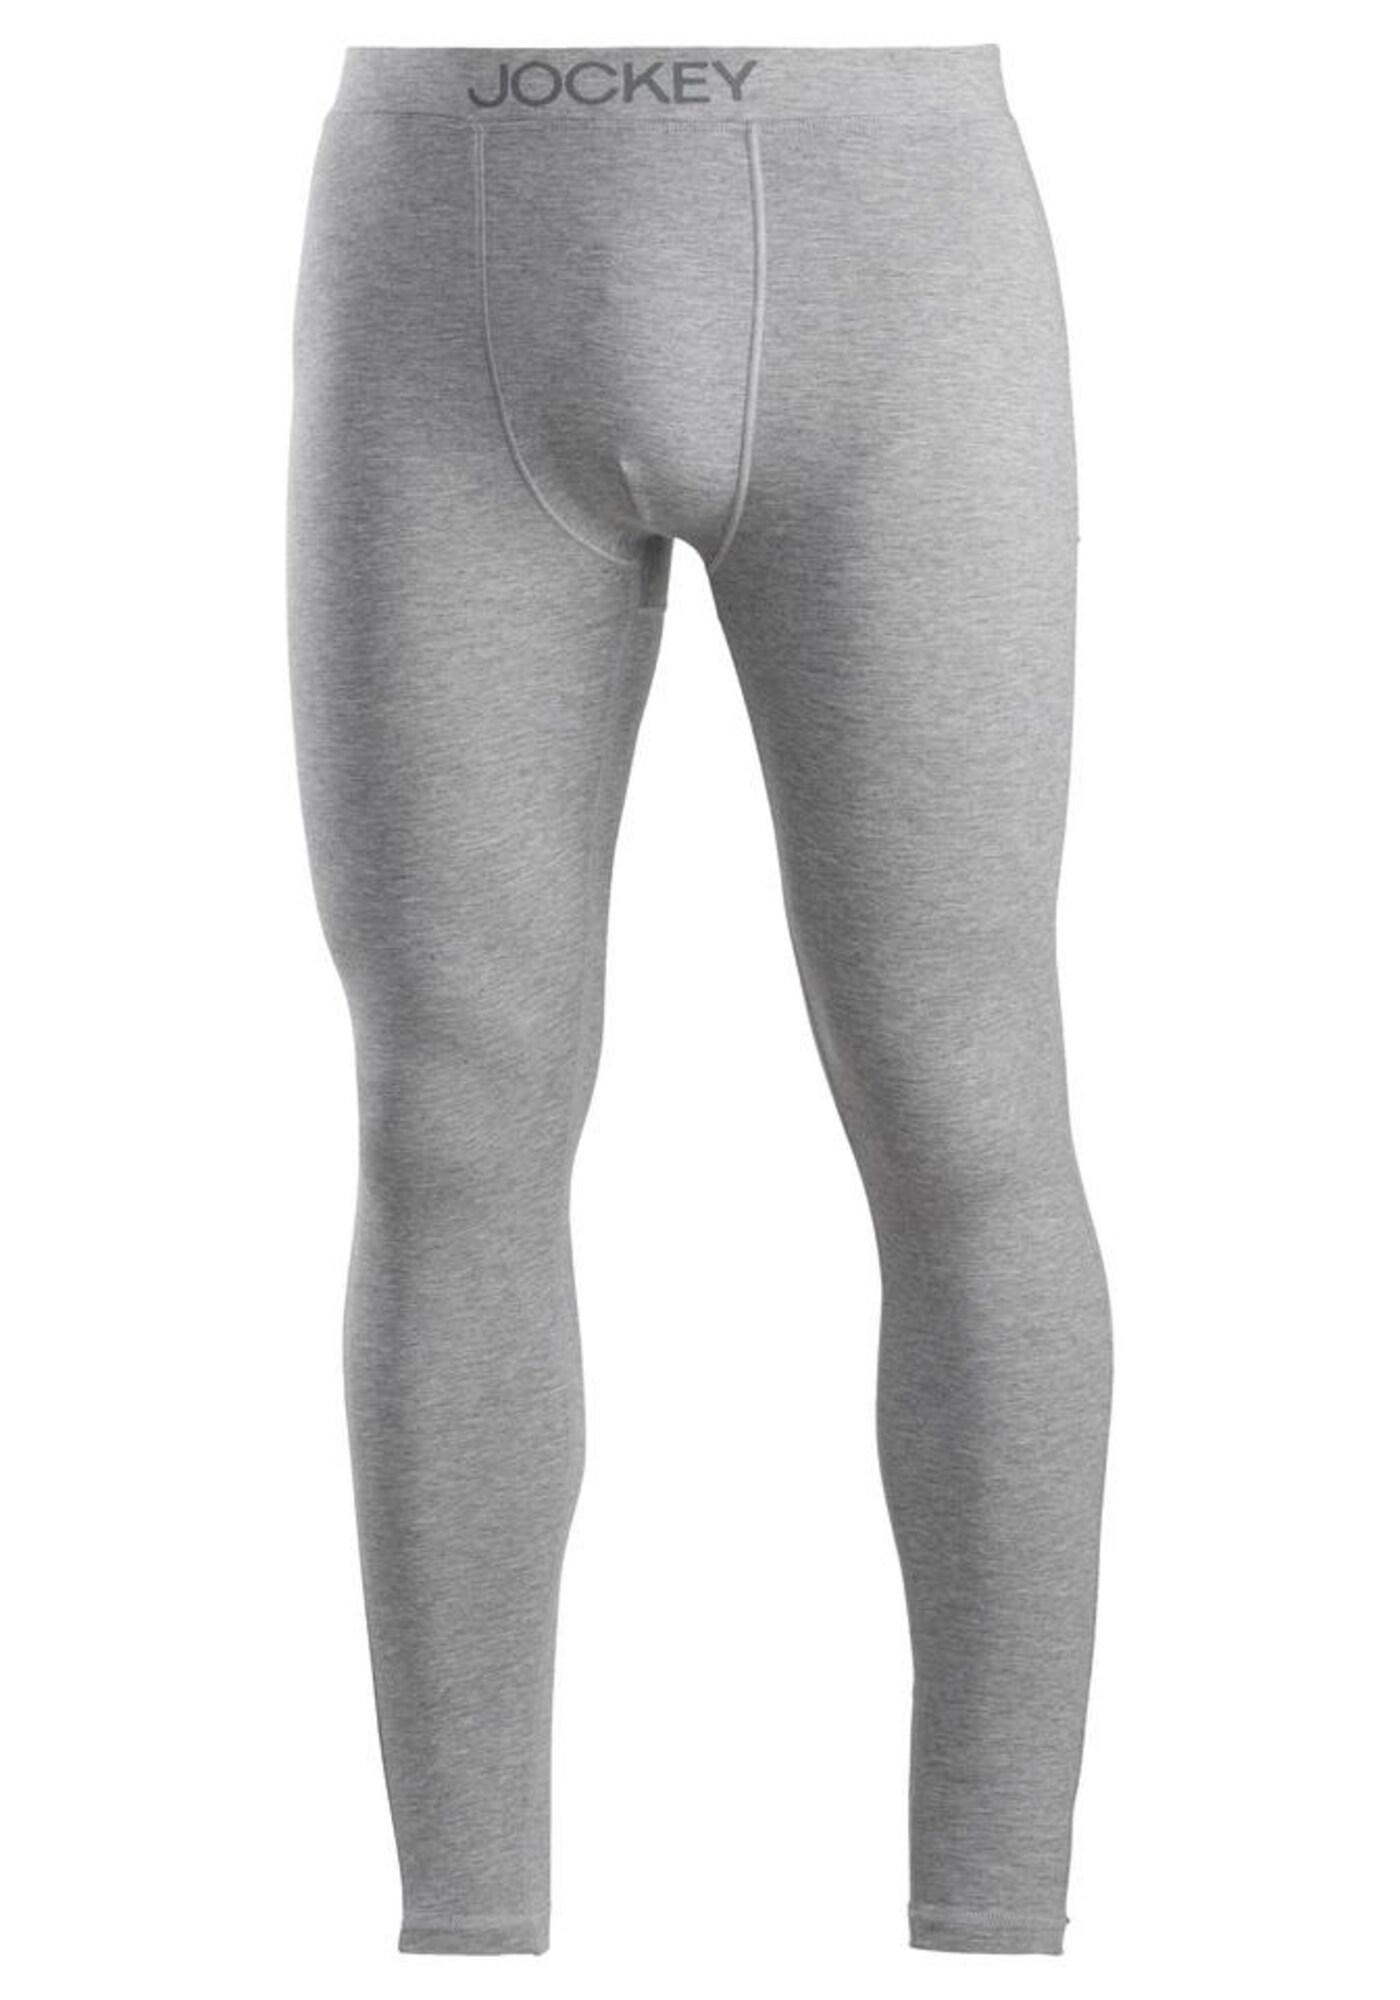 Lange Unterhose | Bekleidung > Wäsche > Lange Unterhosen | Jockey